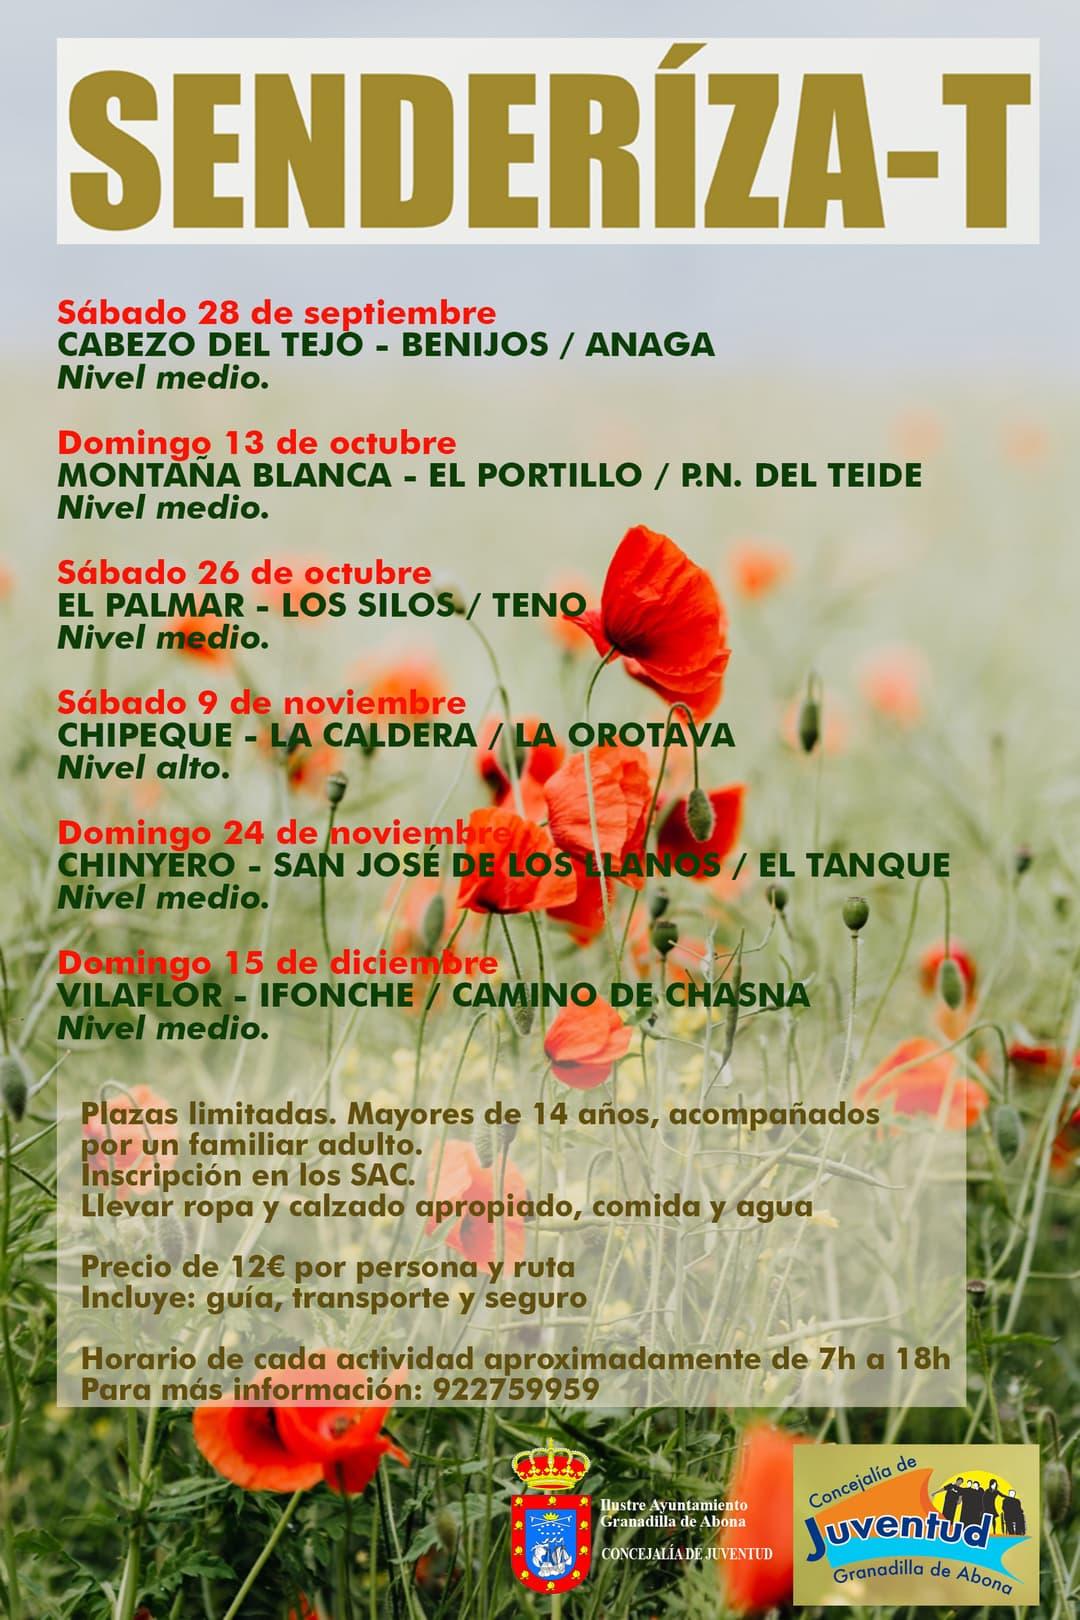 El plazo para inscribirse a la Ruta 'El Palmar – Los Silos / Teno' finaliza este jueves 24 de octubre